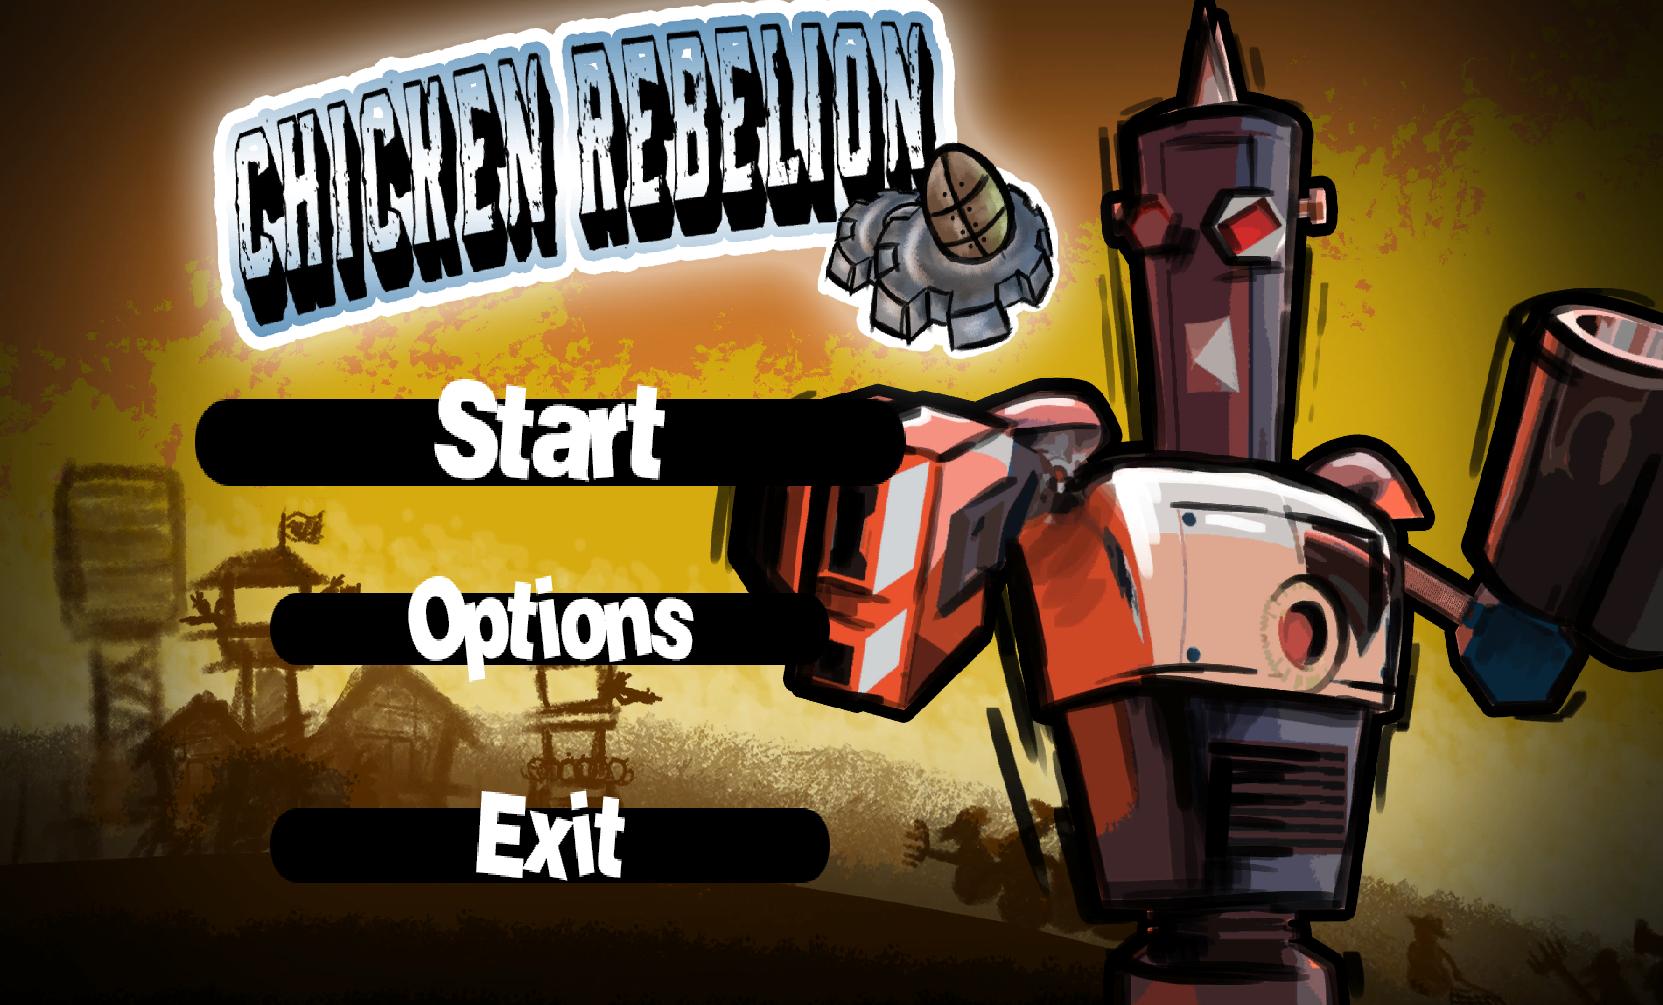 Chicken Rebellion